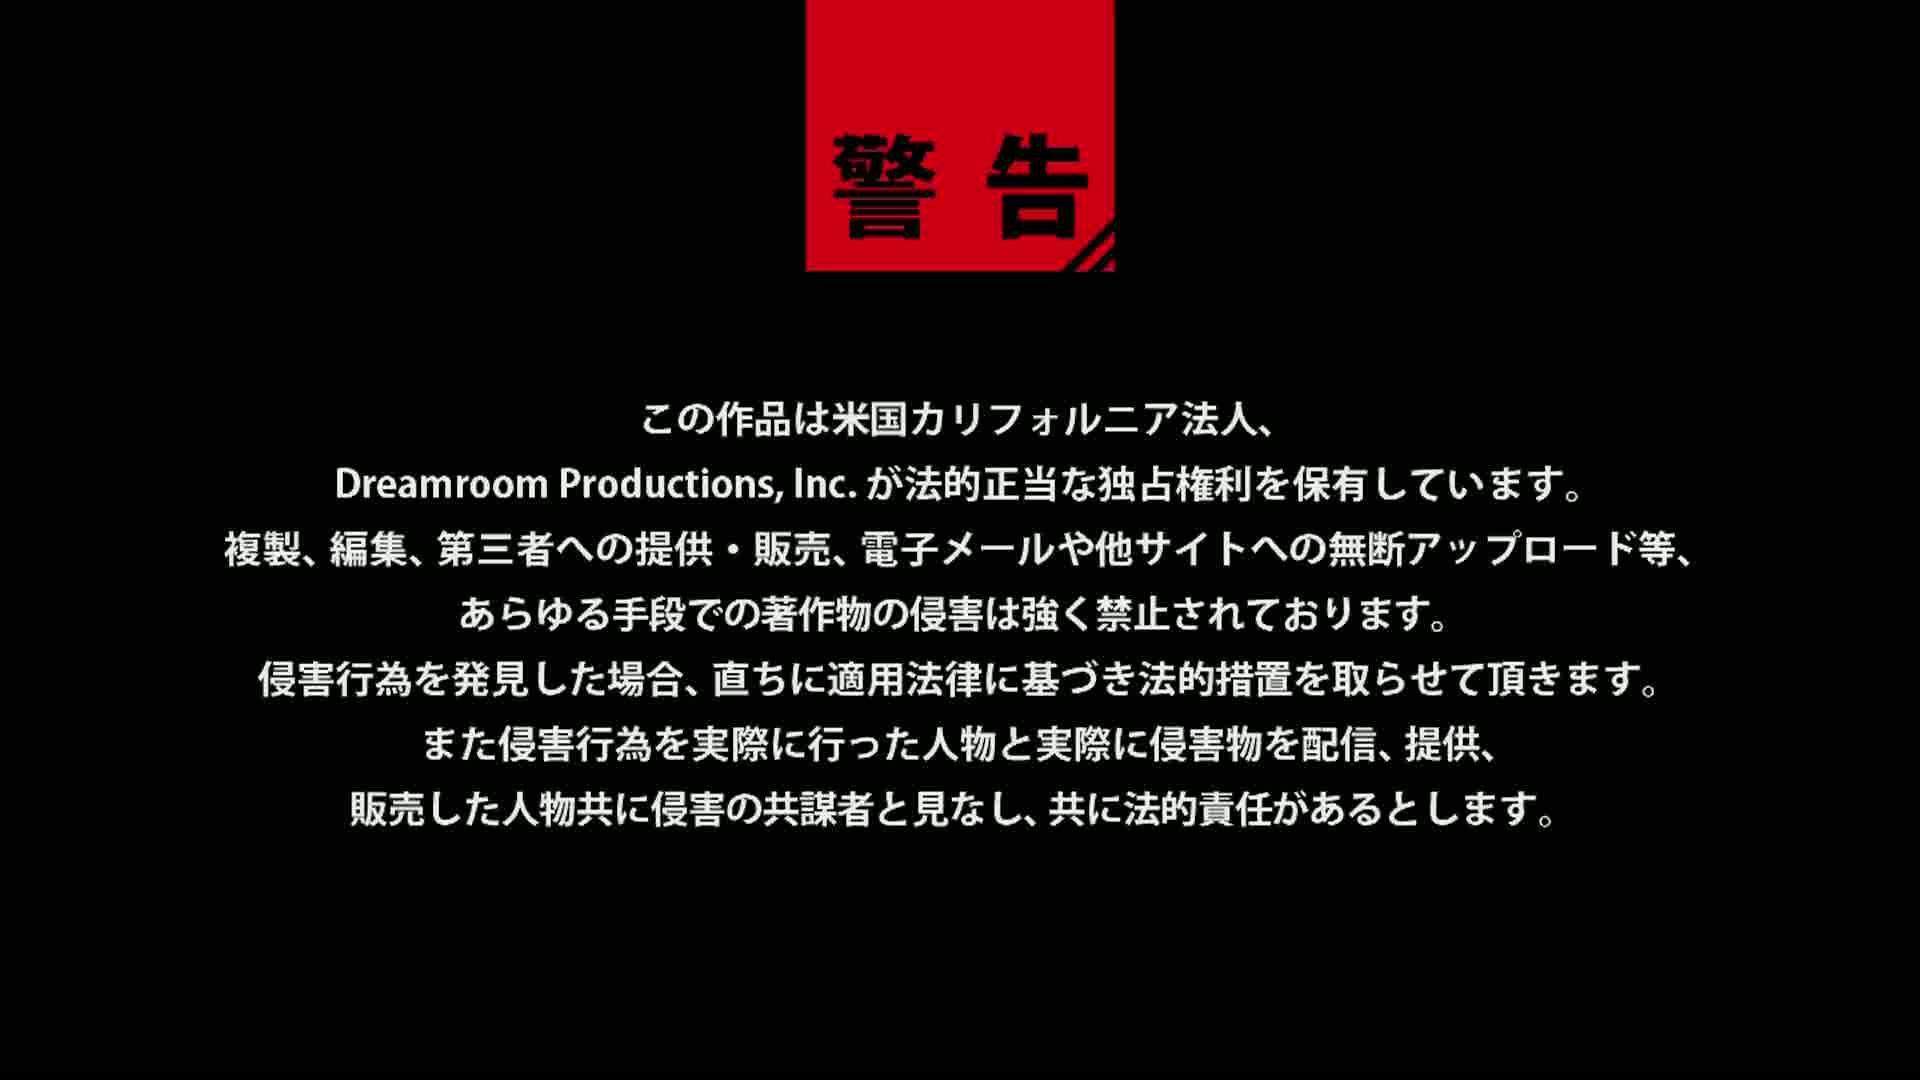 淫誘する悩殺ドレスの女~紫と赤のセクシースパイラル~ - 京野結衣【フェラ 騎乗位 対面座位 バック 正常位 中だし】